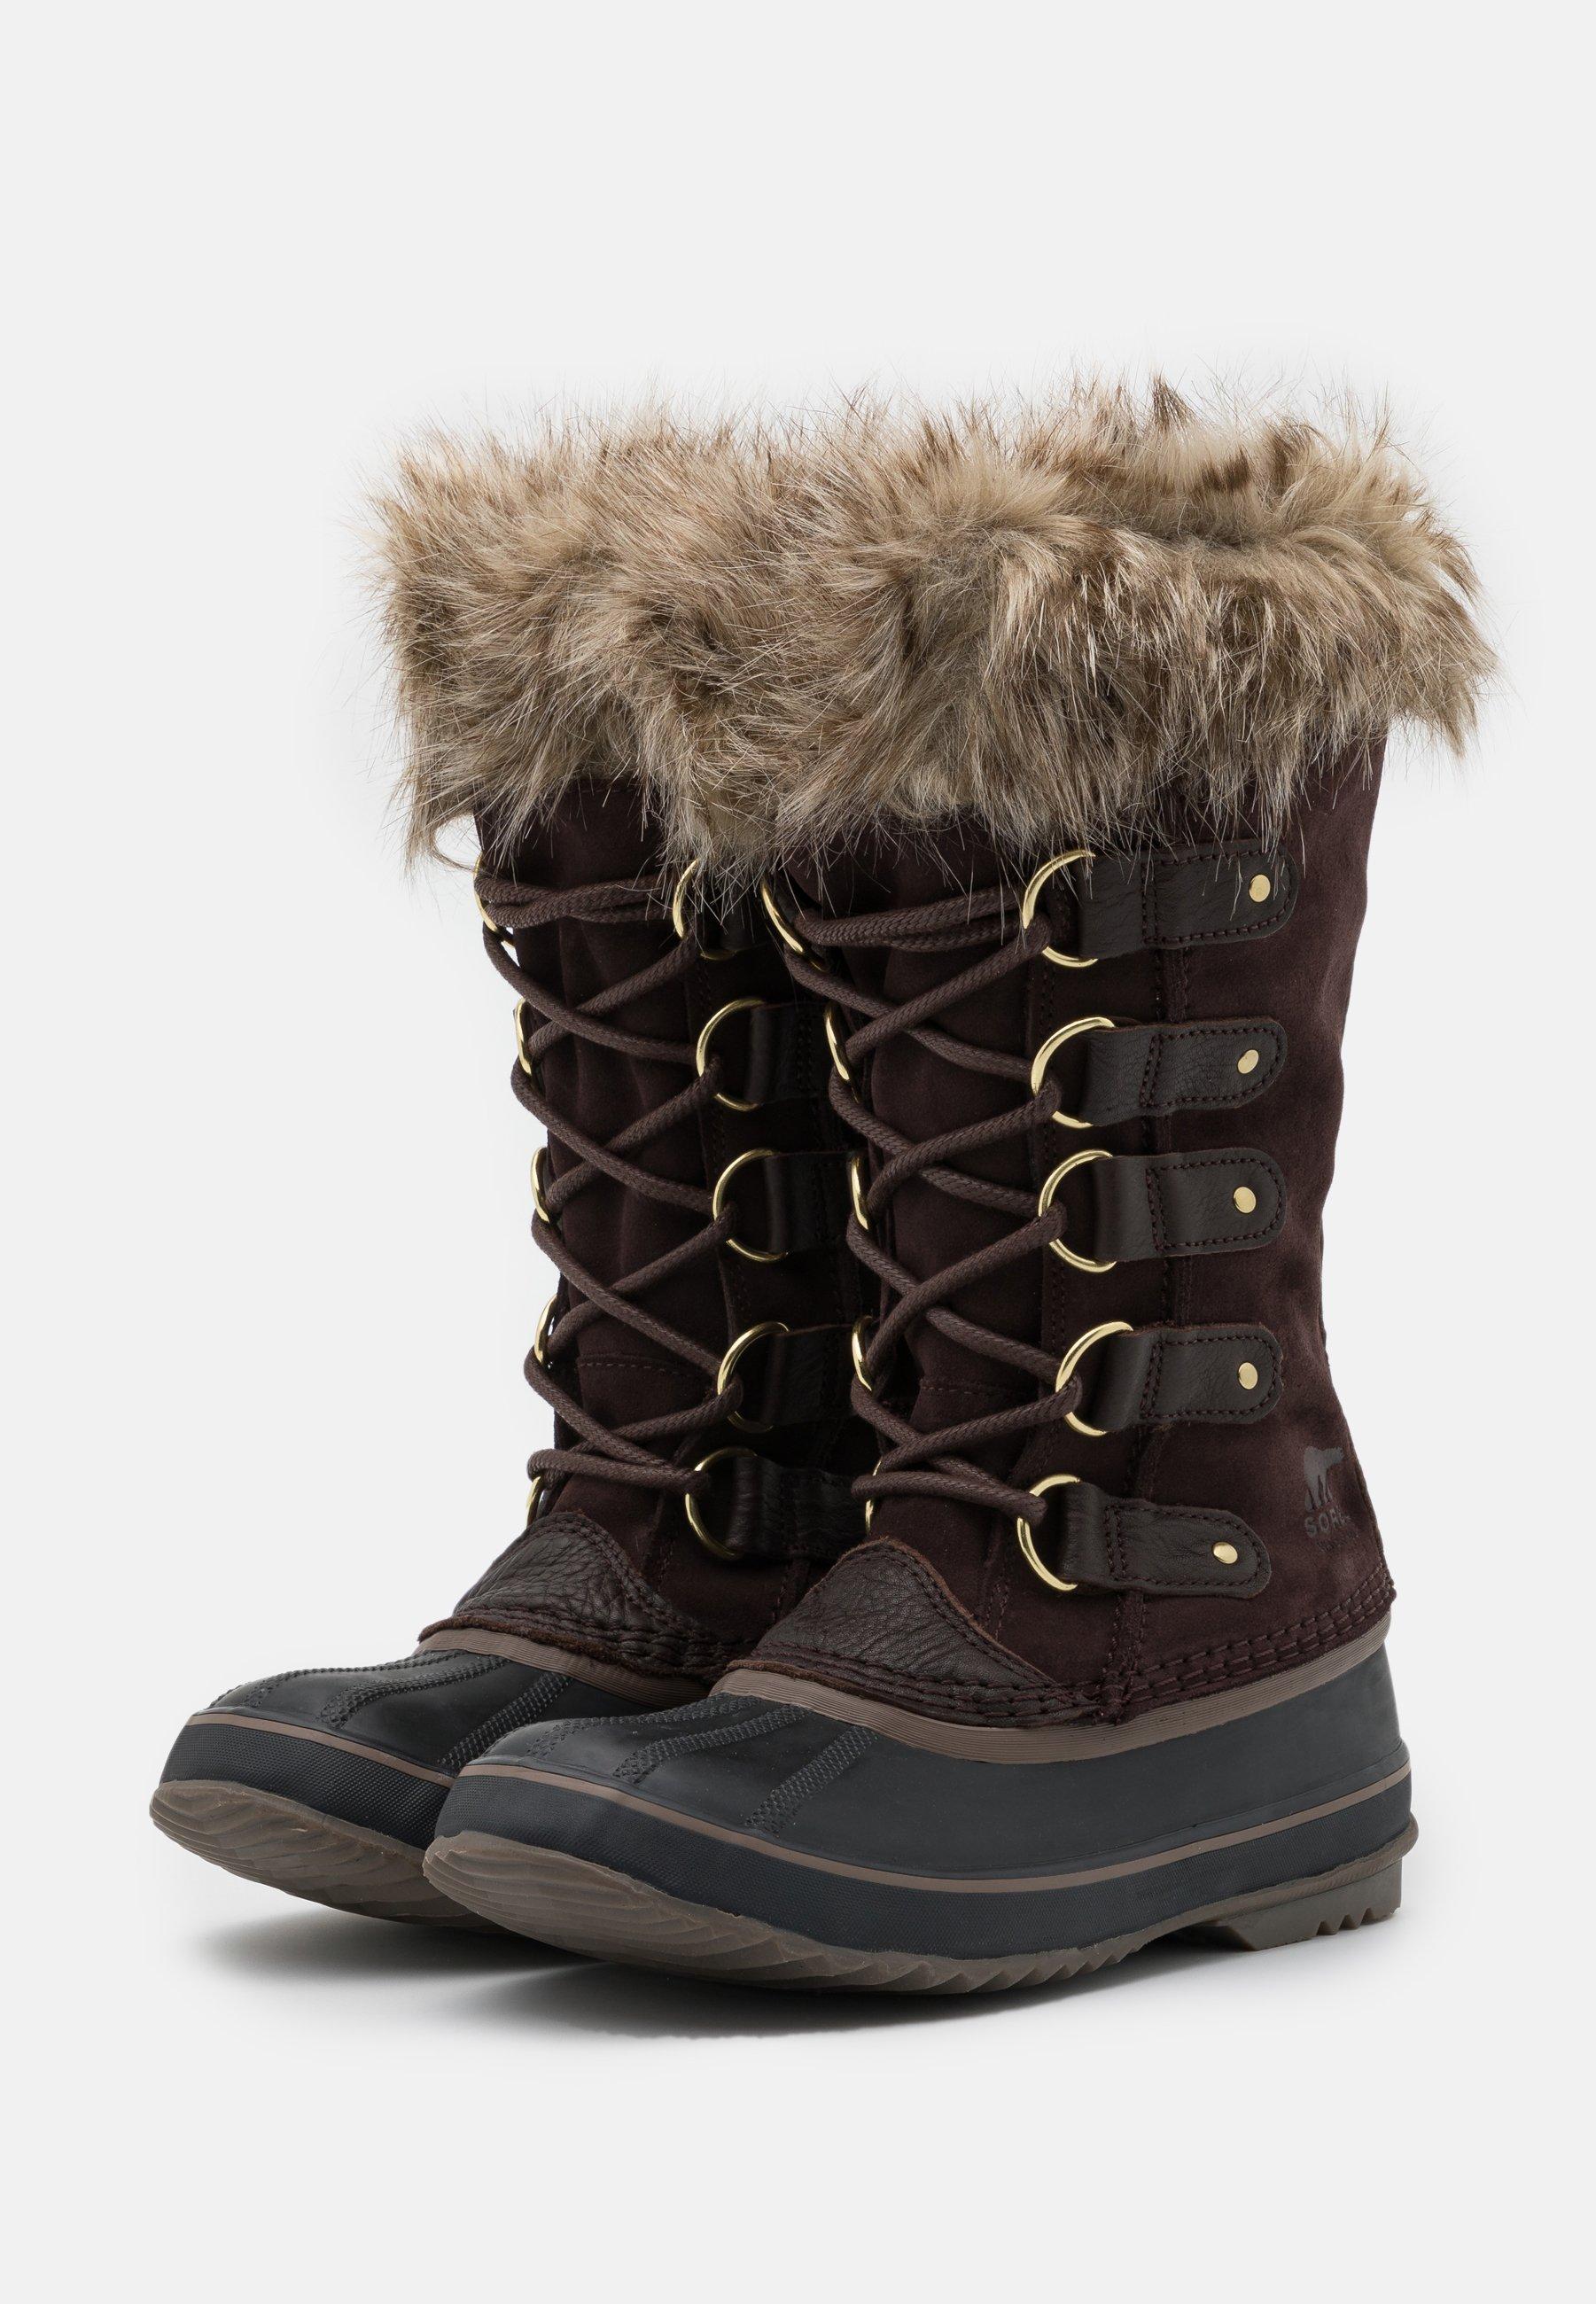 Women JOAN OF ARCTIC - Winter boots